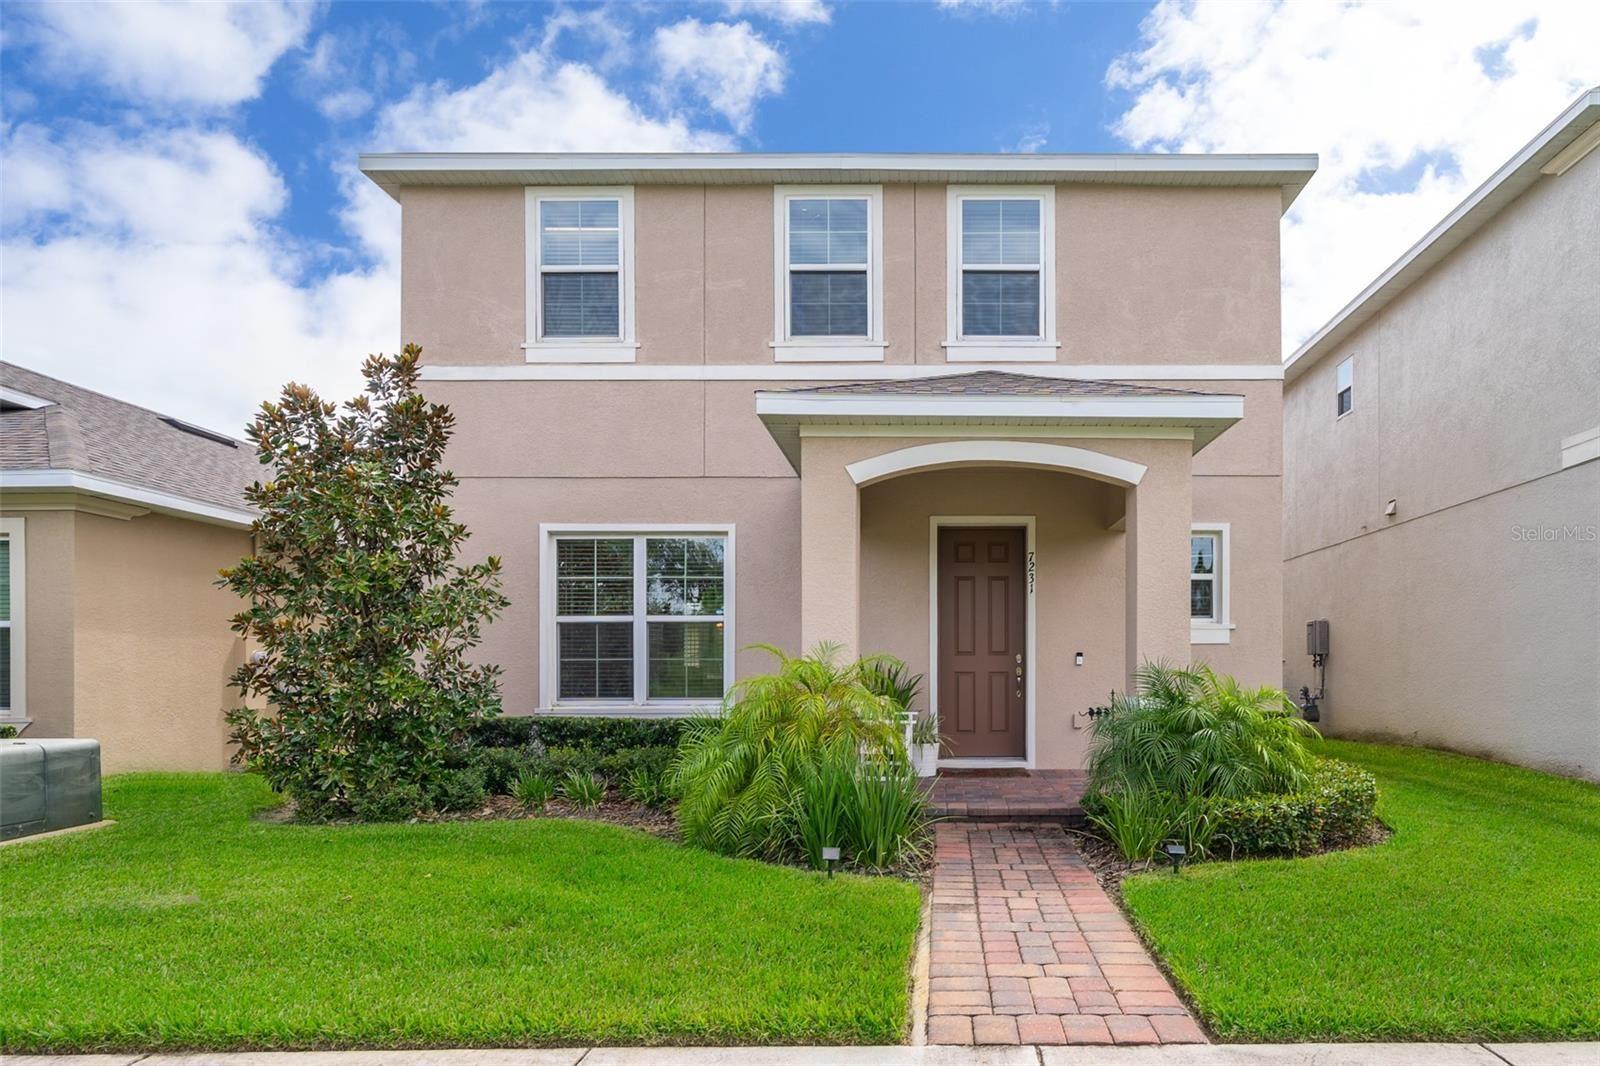 7231 SUMMERLAKE GROVES STREET, Winter Garden, FL 34787 - #: O5968658